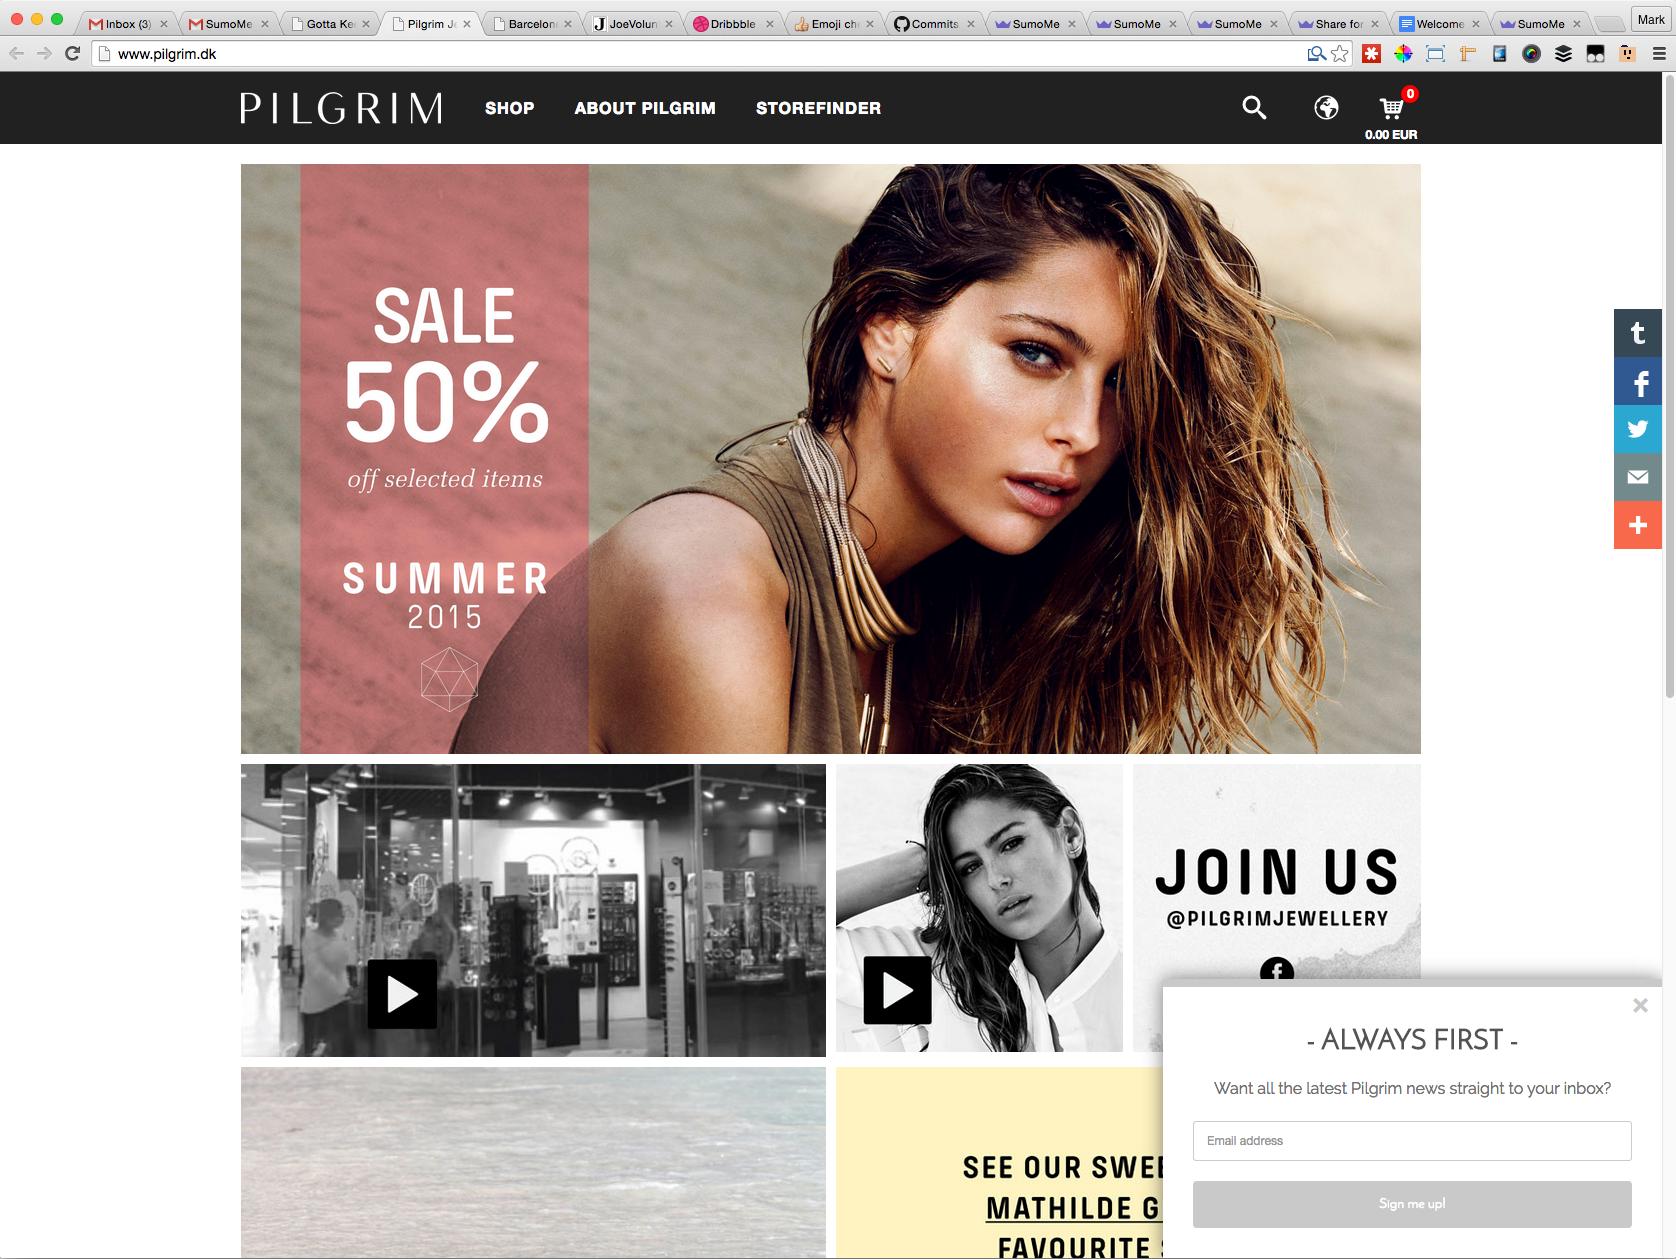 Screenshot of an ecommerce website